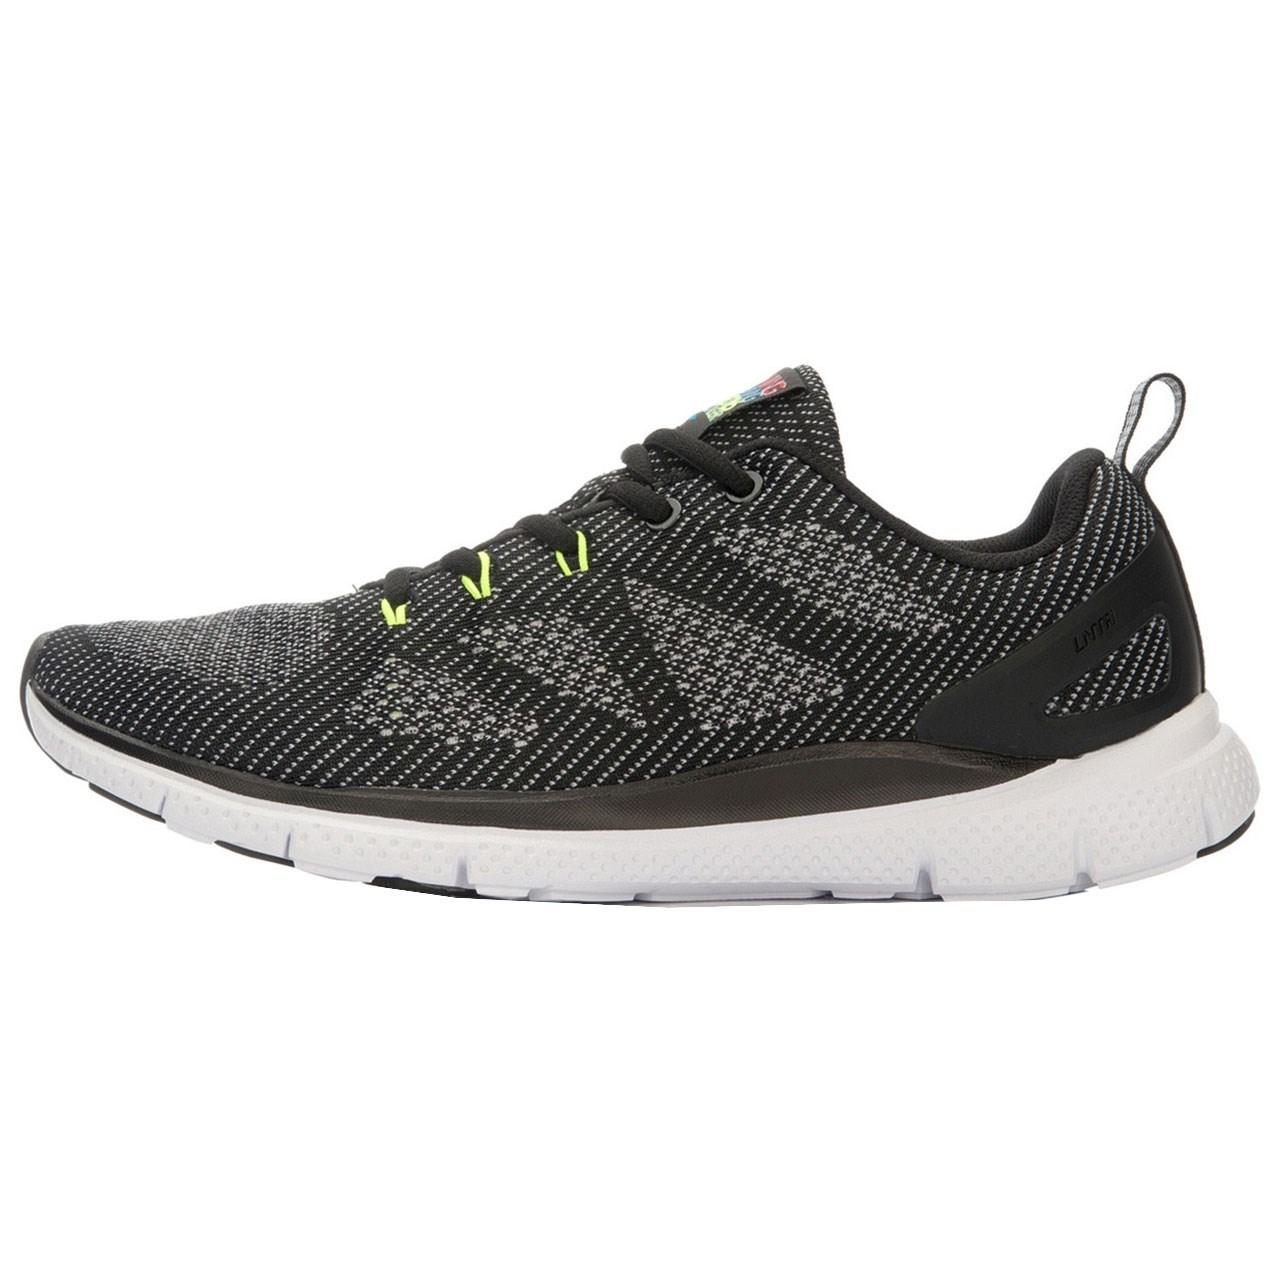 قیمت کفش مخصوص دویدن  مردانه لی نینگ مدل Fitness Body